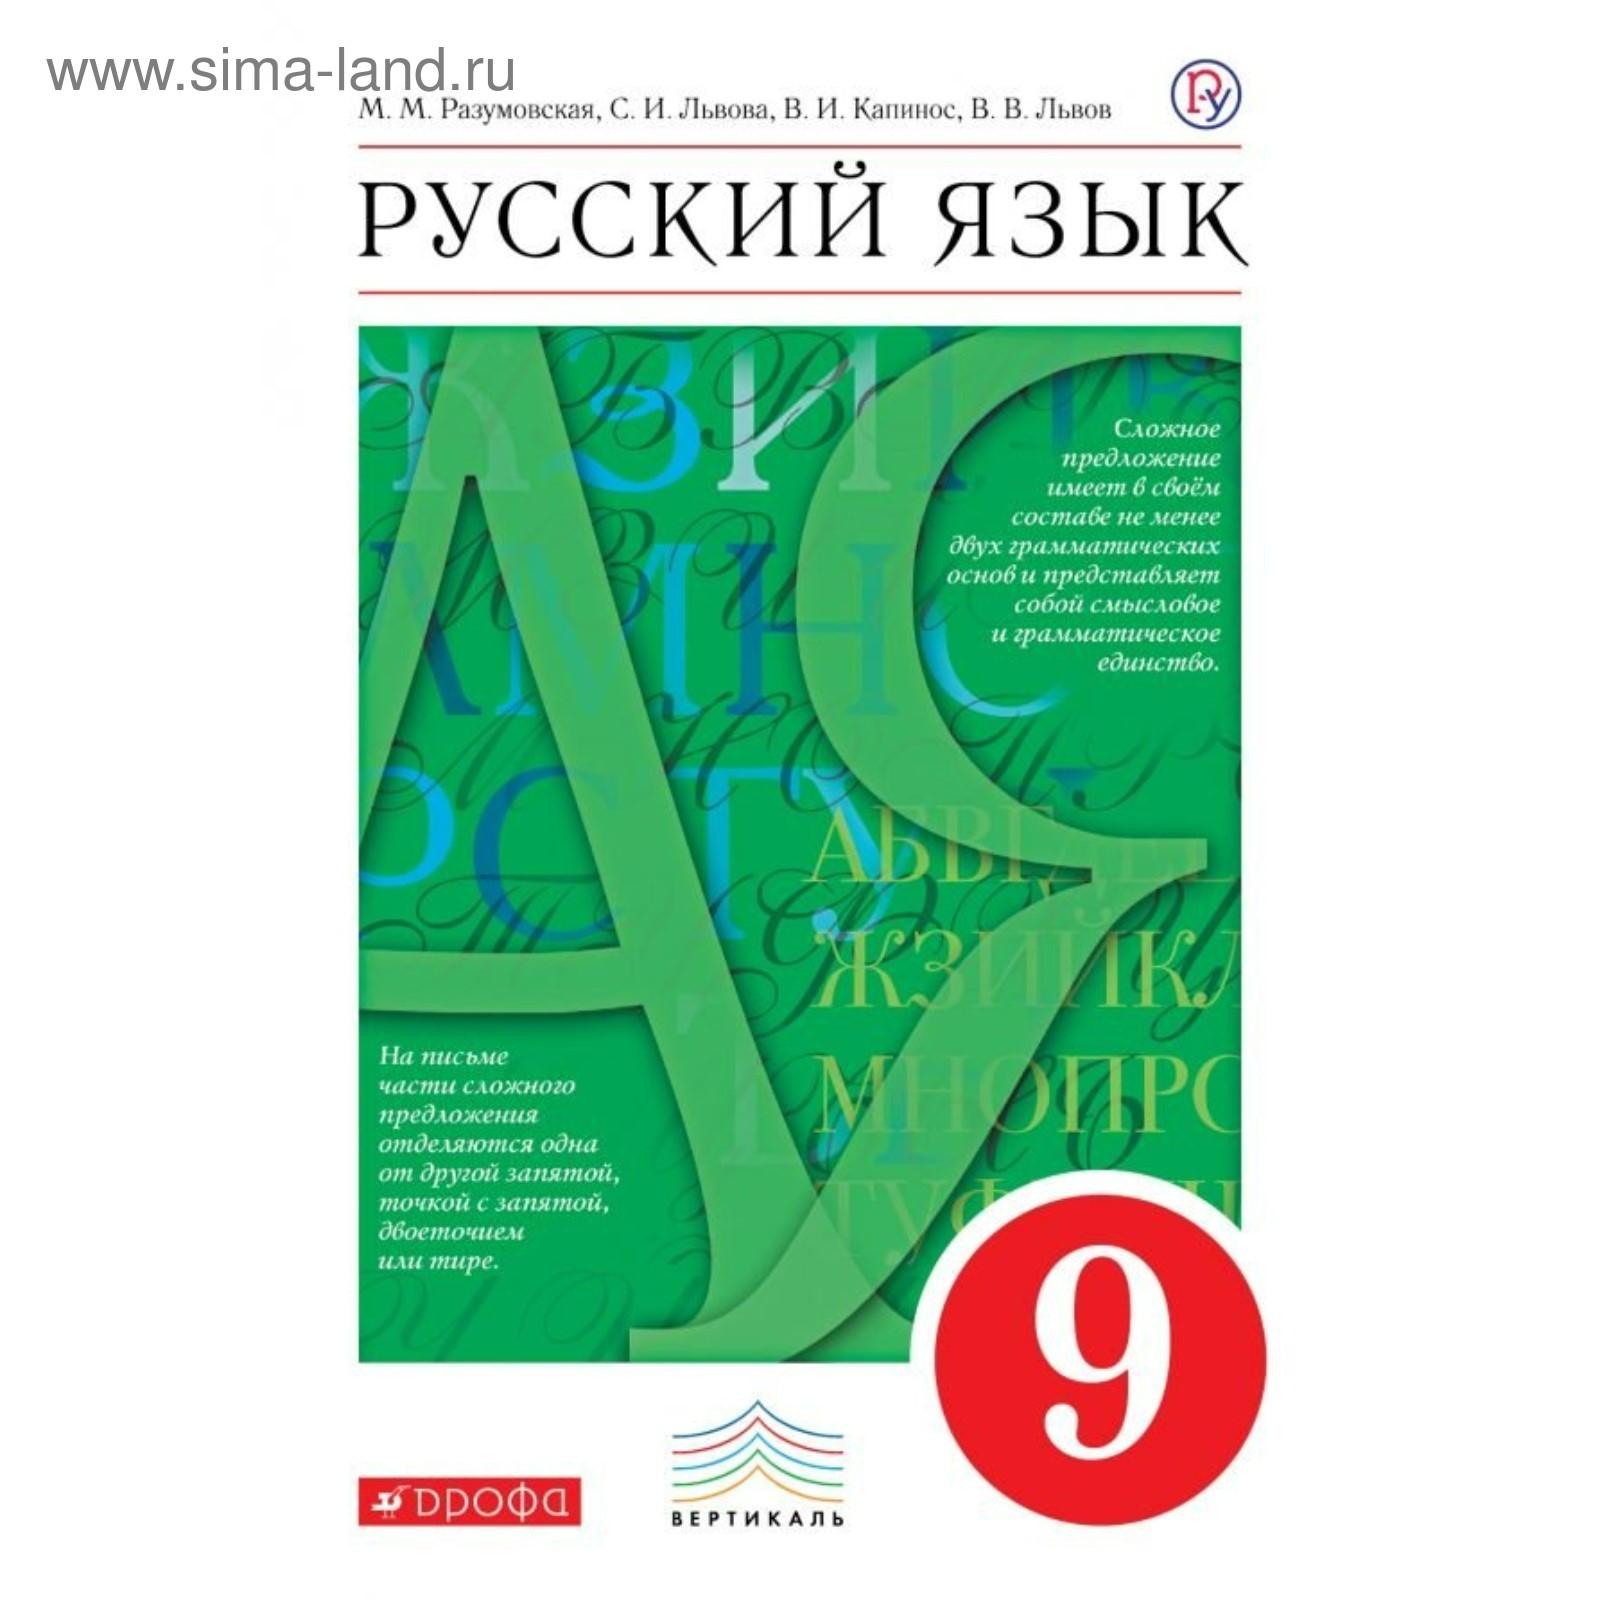 Гдз (решебник) по русскому языку 9 класс разумовская, львова, капинос.